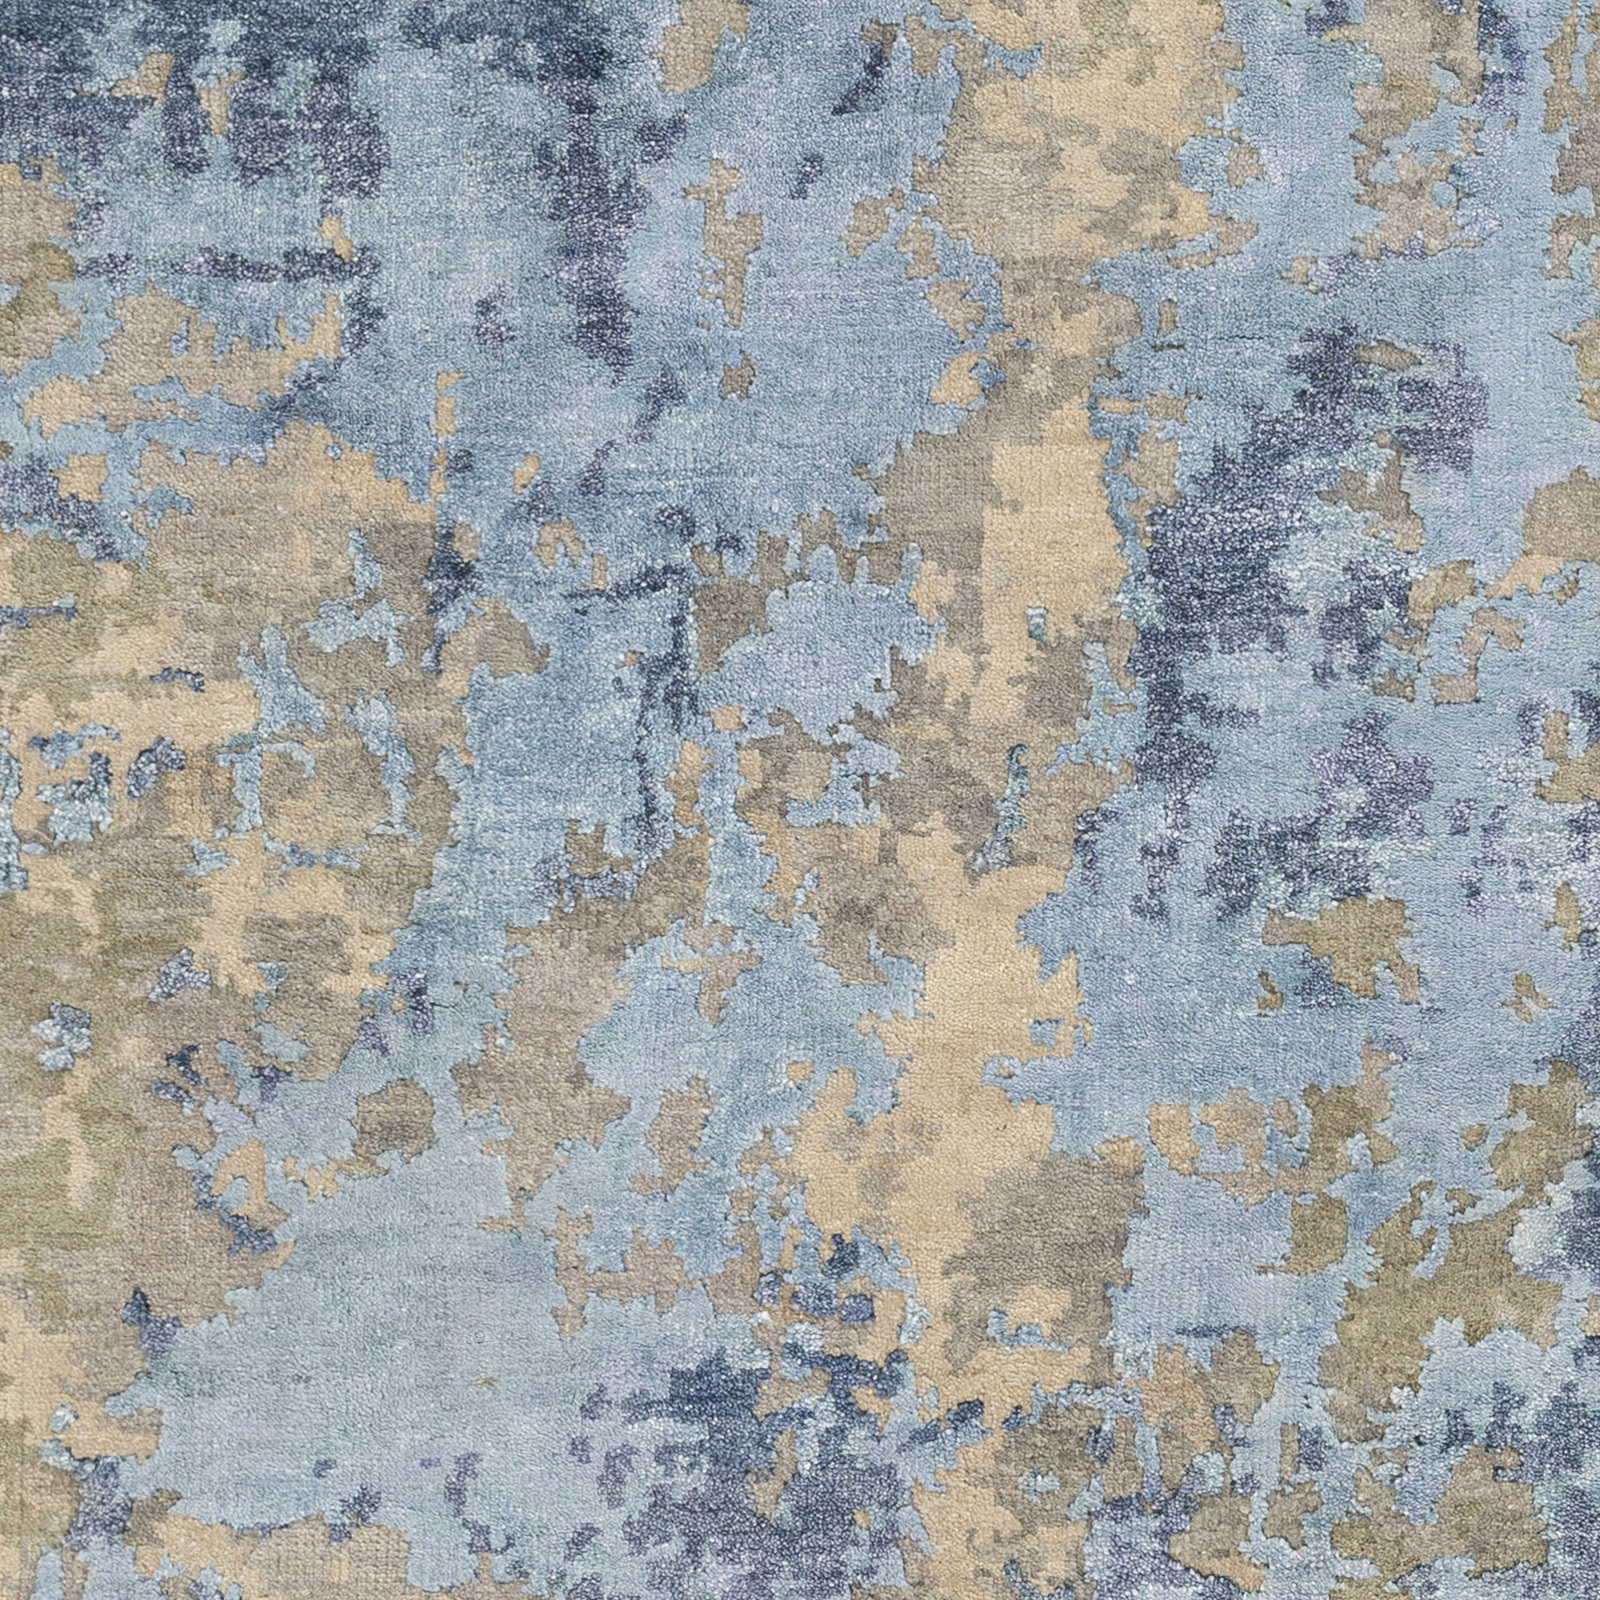 Arte - RTE-2302 - 2' x 3'